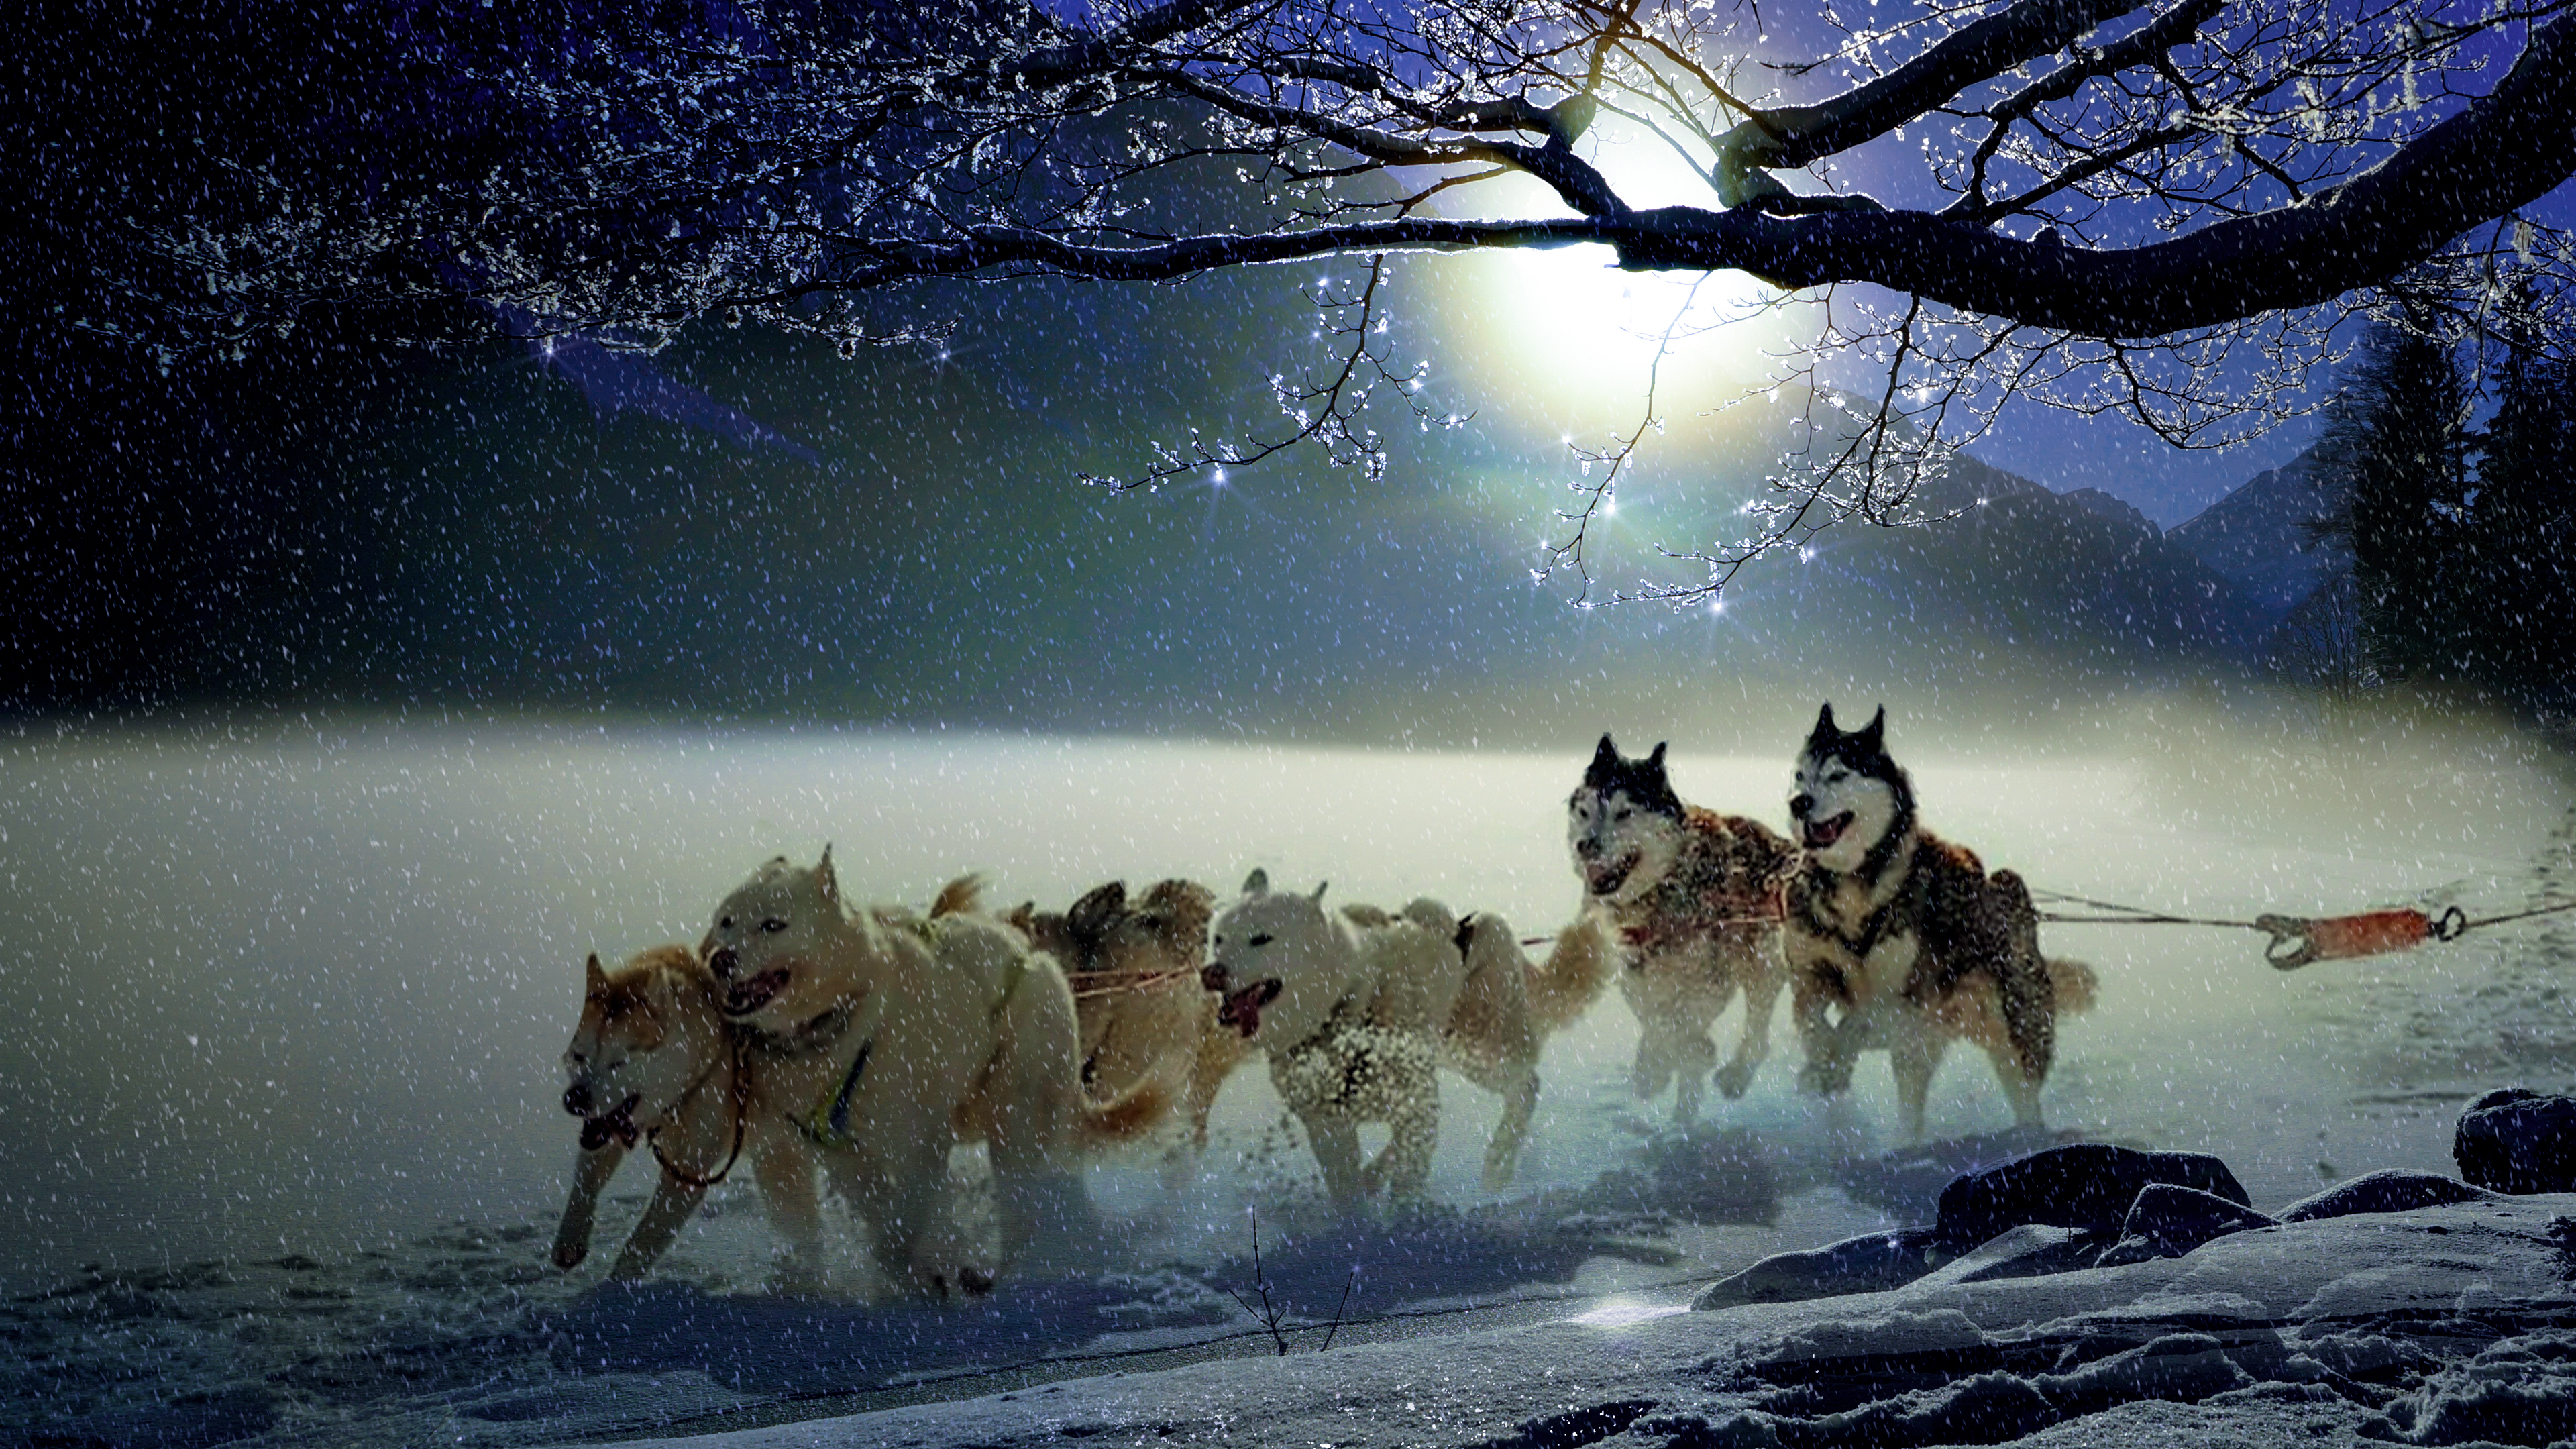 4k Winter Dogs Wallpaper Hd